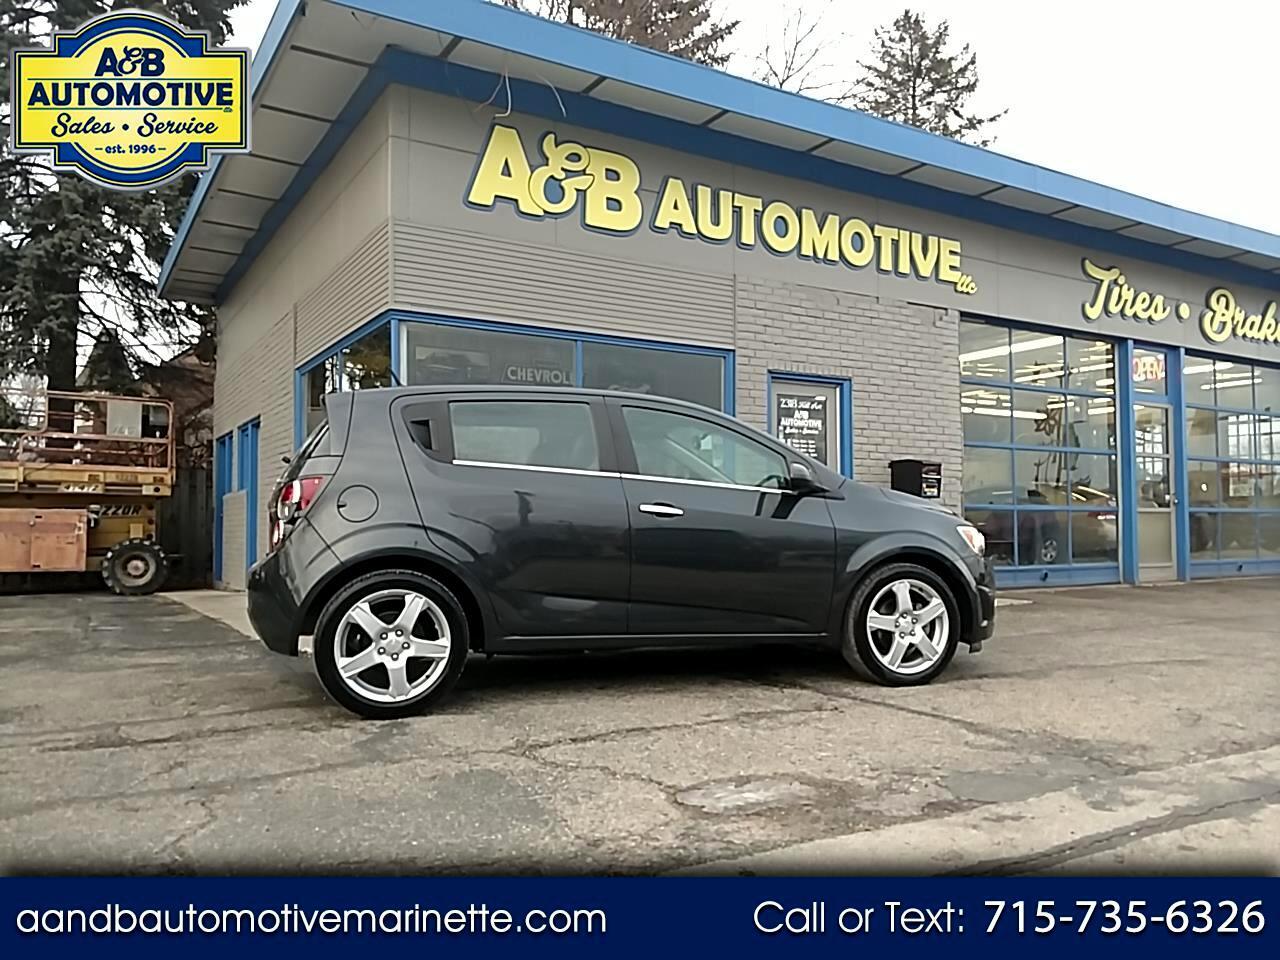 2014 Chevrolet Sonic 5dr HB Auto LTZ